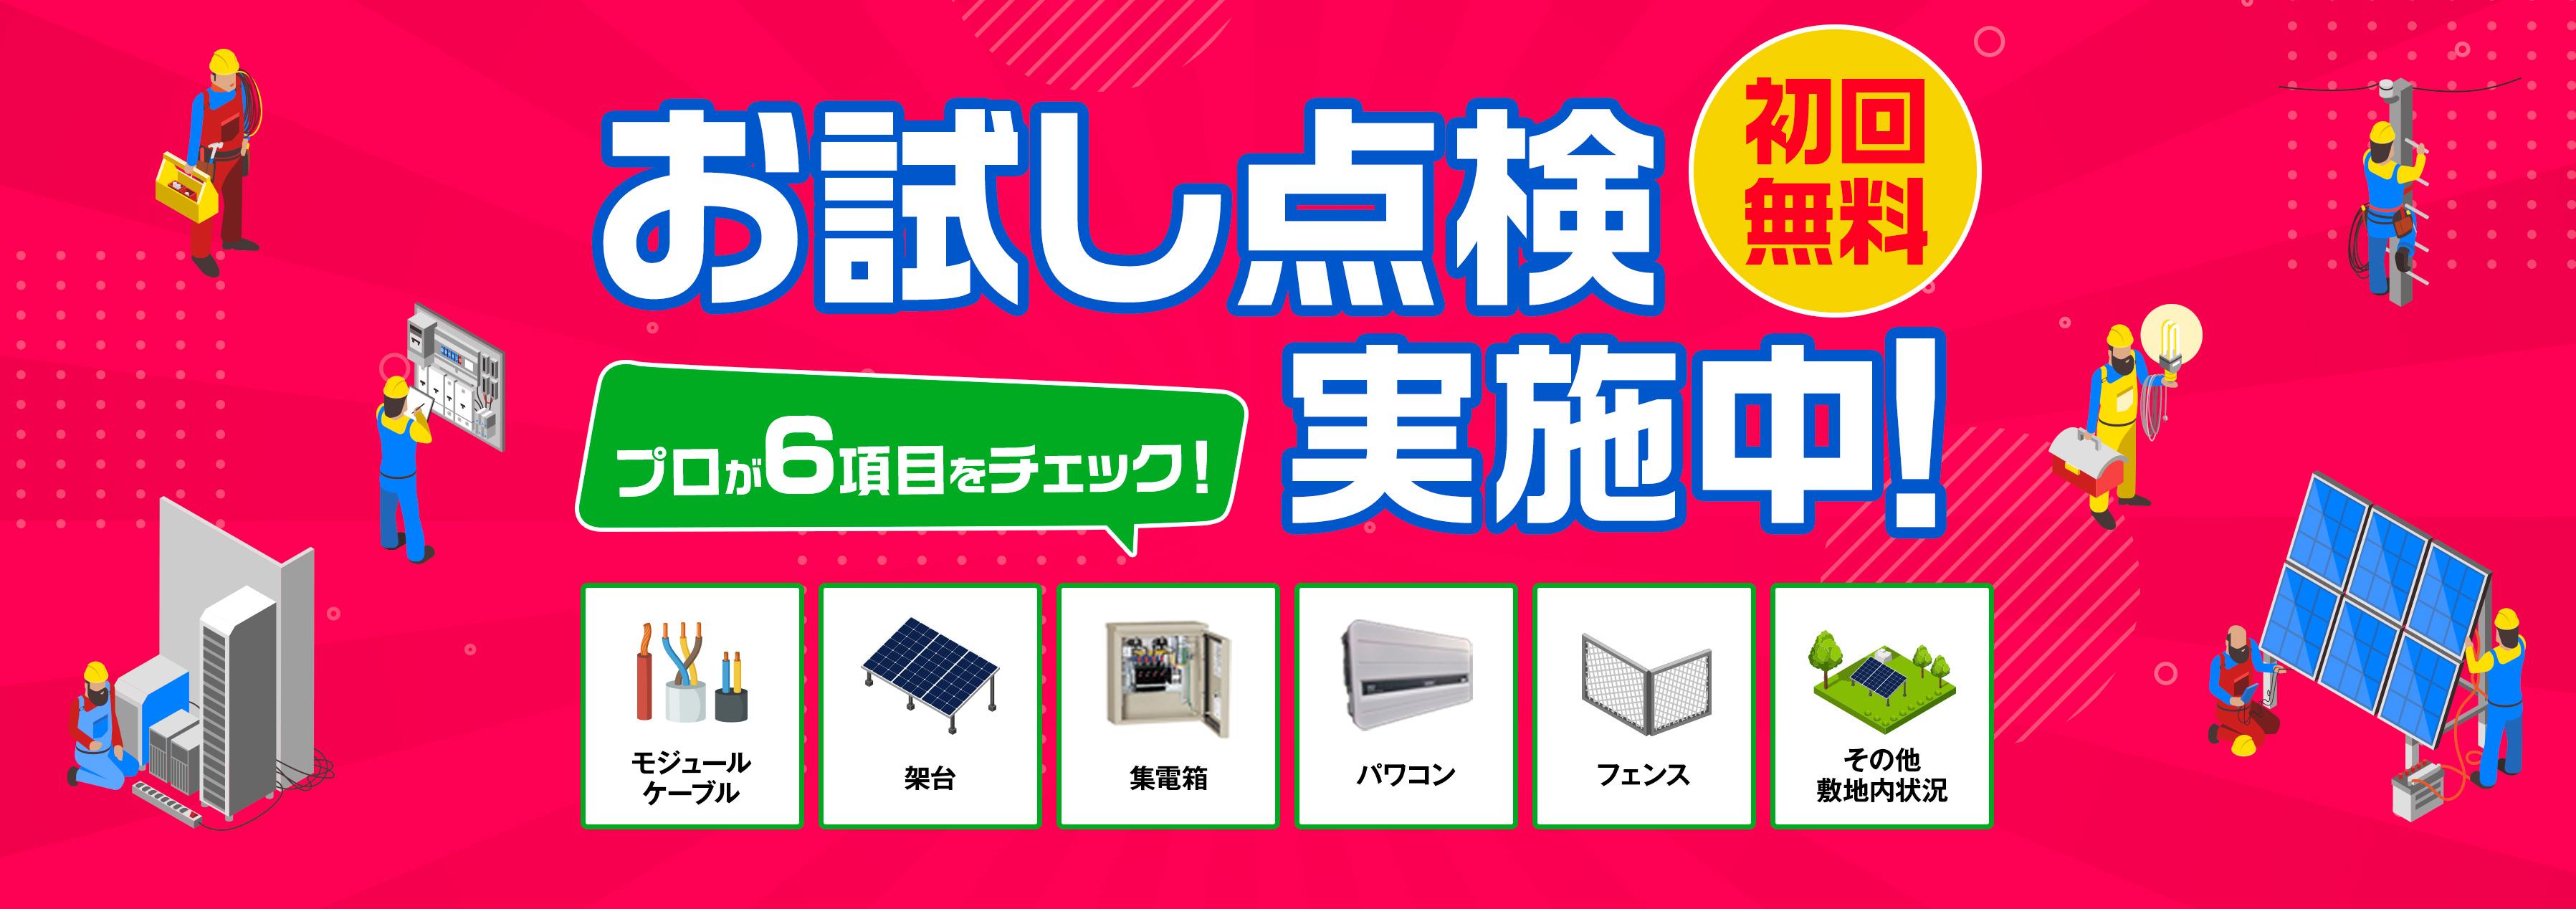 太陽光発電の定期メンテナンスが月額平均7,708円。